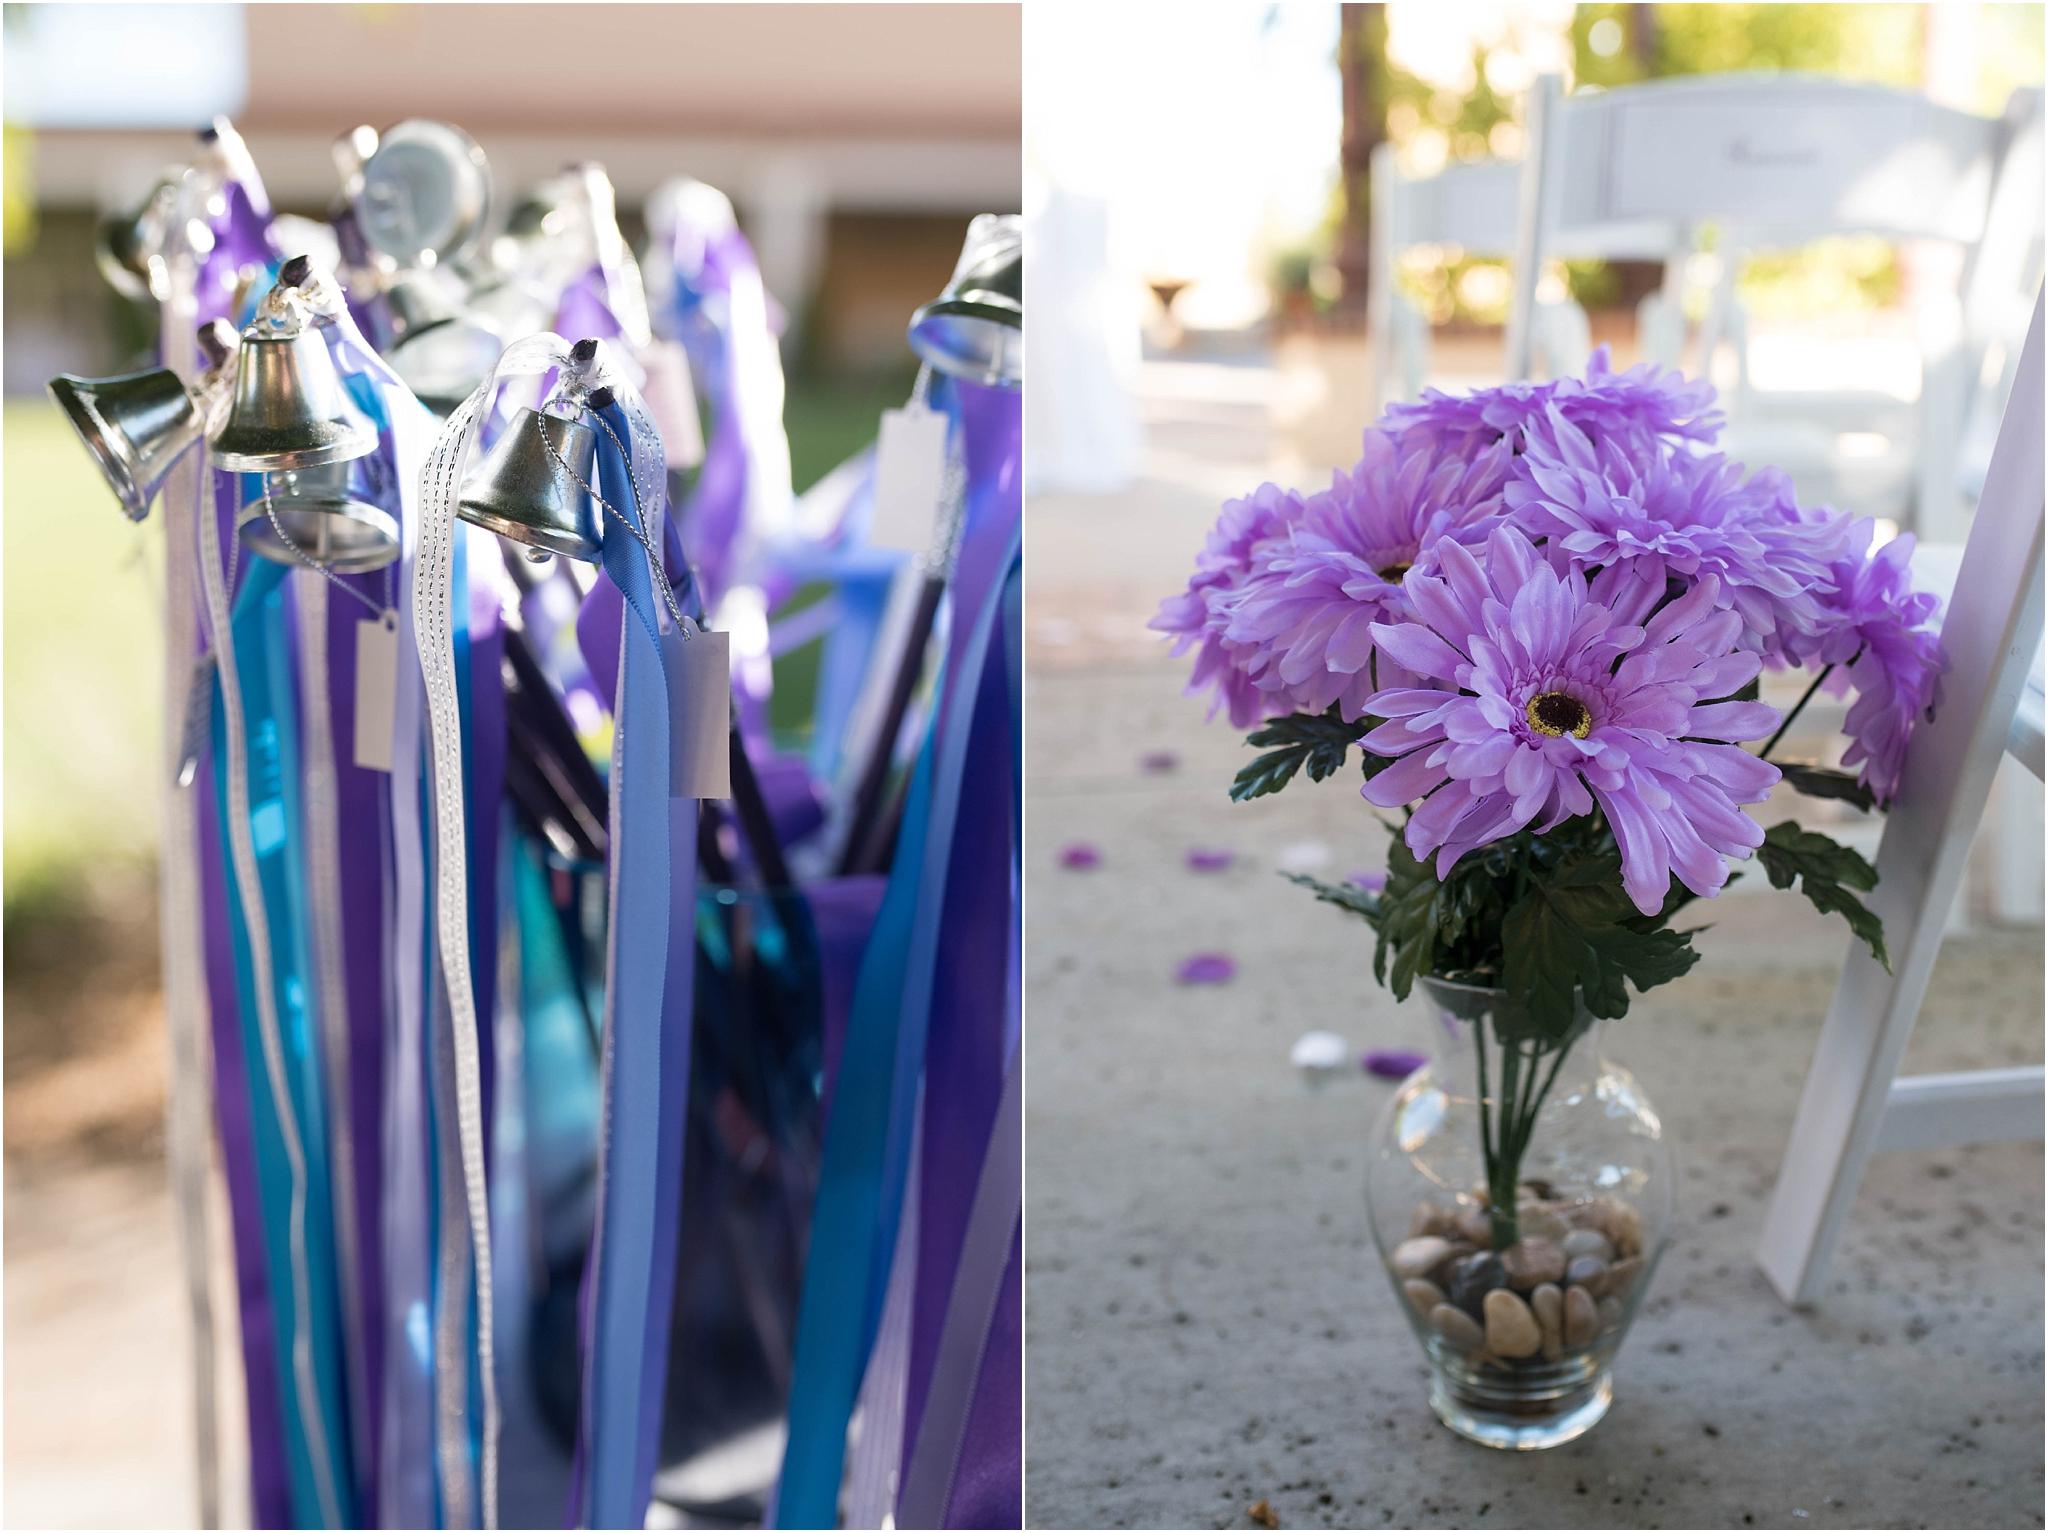 kayla kitts photography - new mexico wedding photographer - albuquerque botanic gardens - hotel albuquerque_0149.jpg